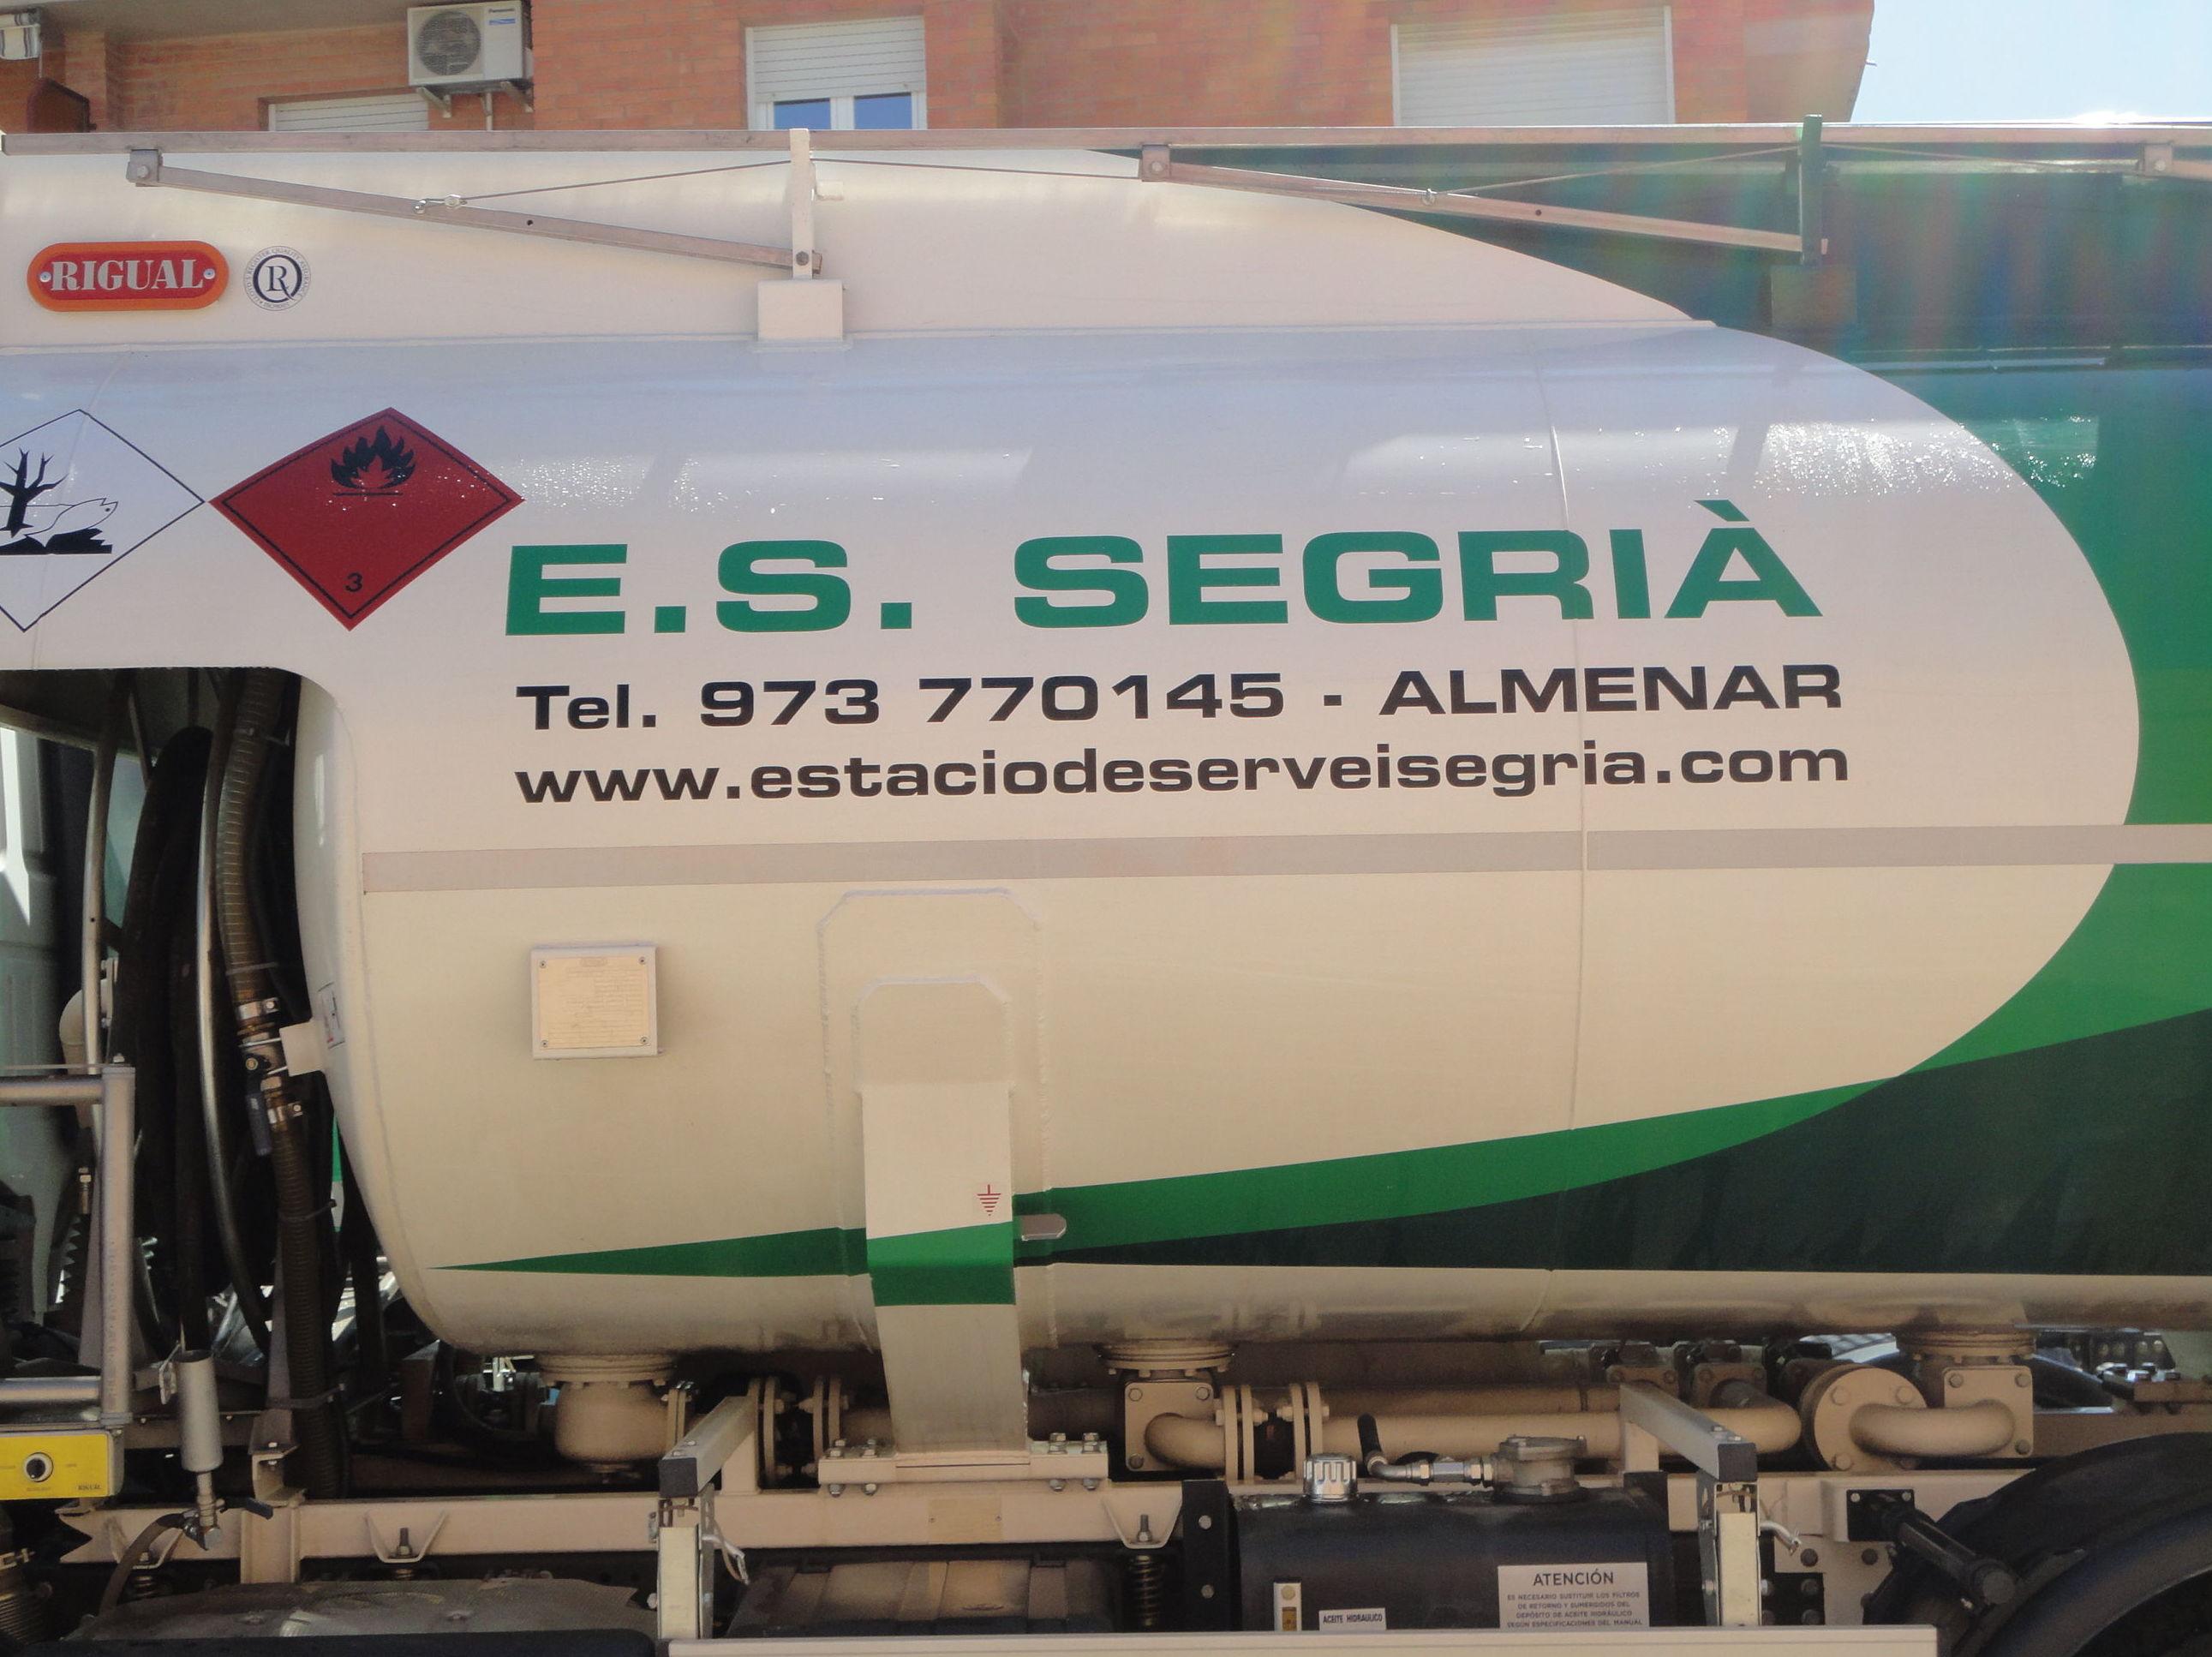 Foto 7 de Gasóleo en Almenar | Estació de Servei Segrià